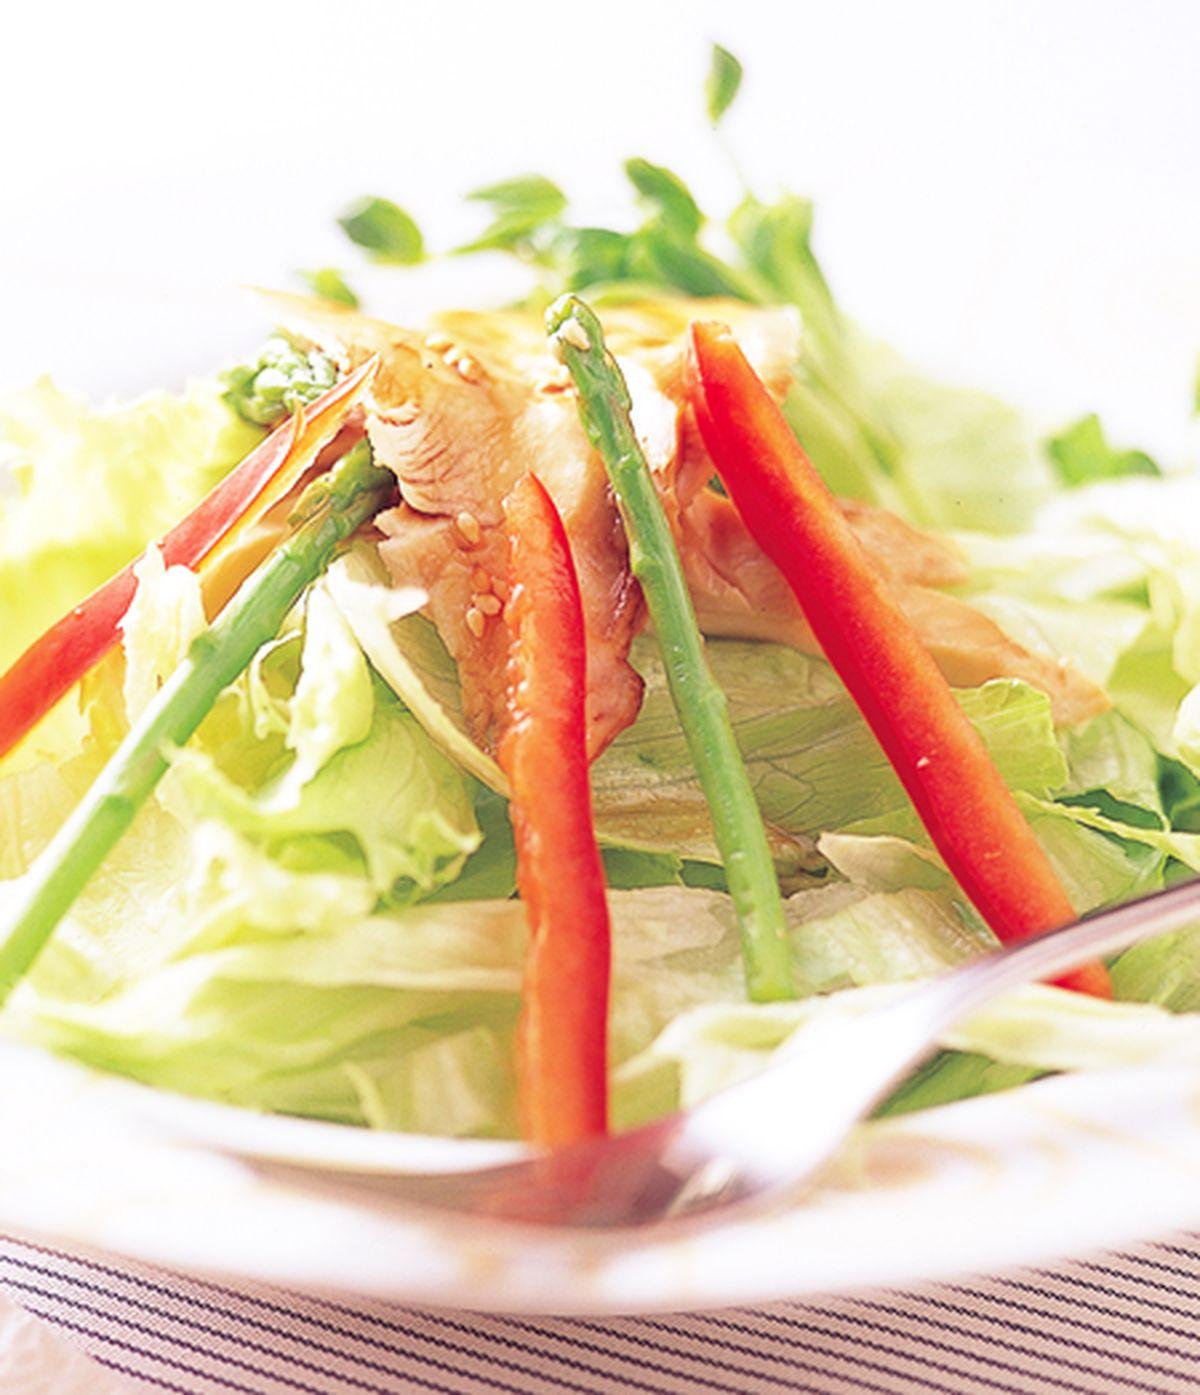 食譜:火雞肉沙拉